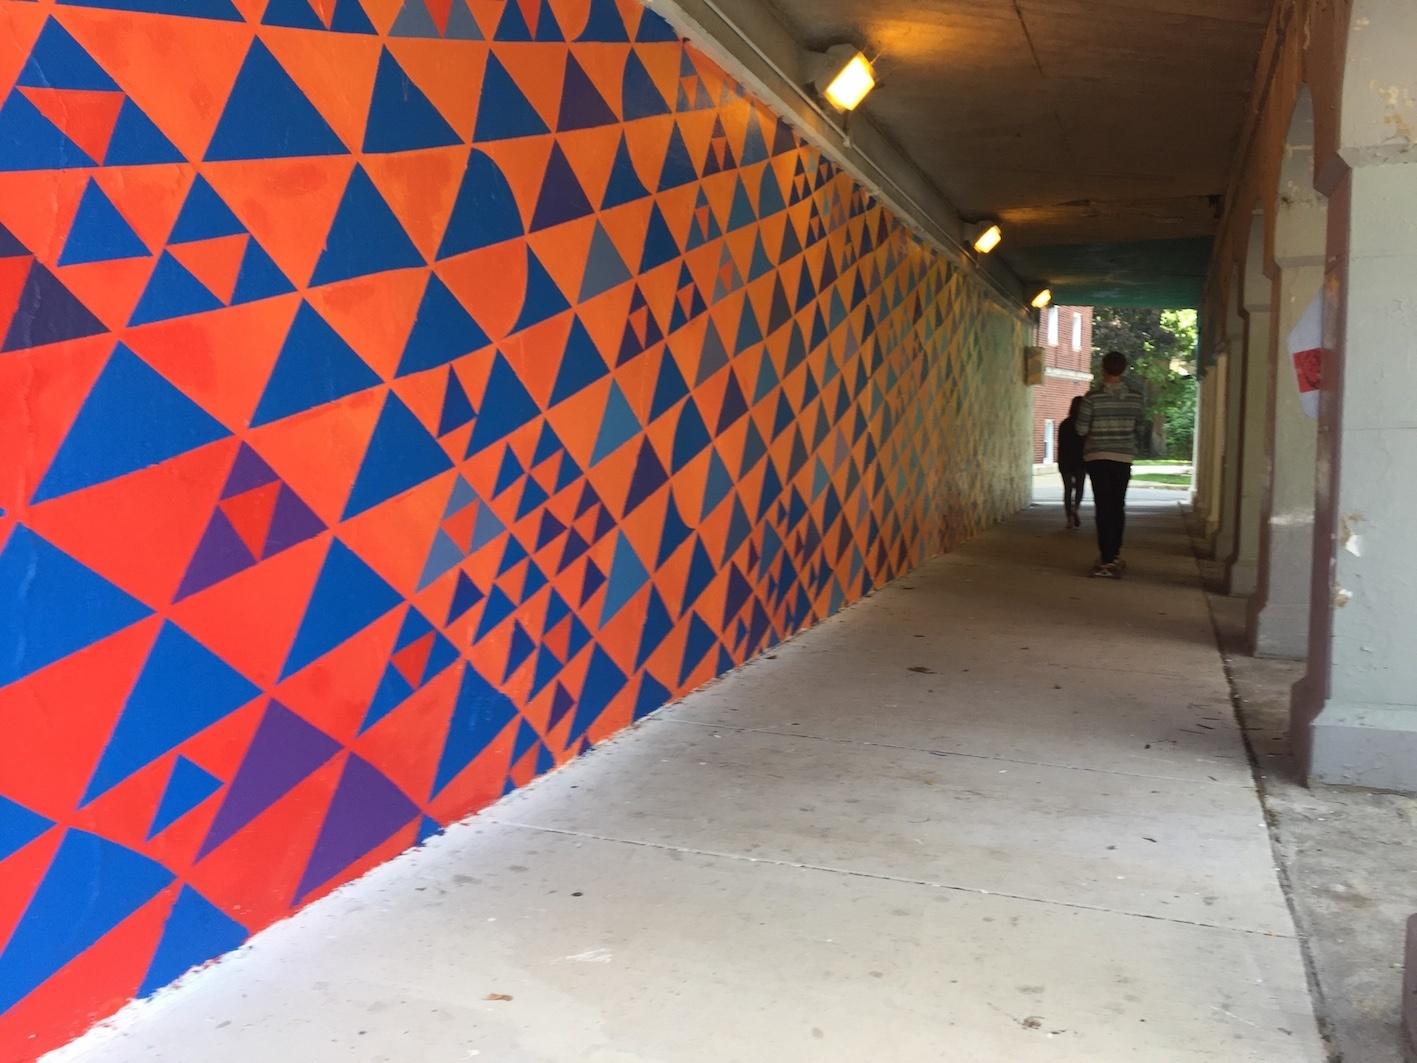 Cole Pierce - Albion St Viaduct Mural